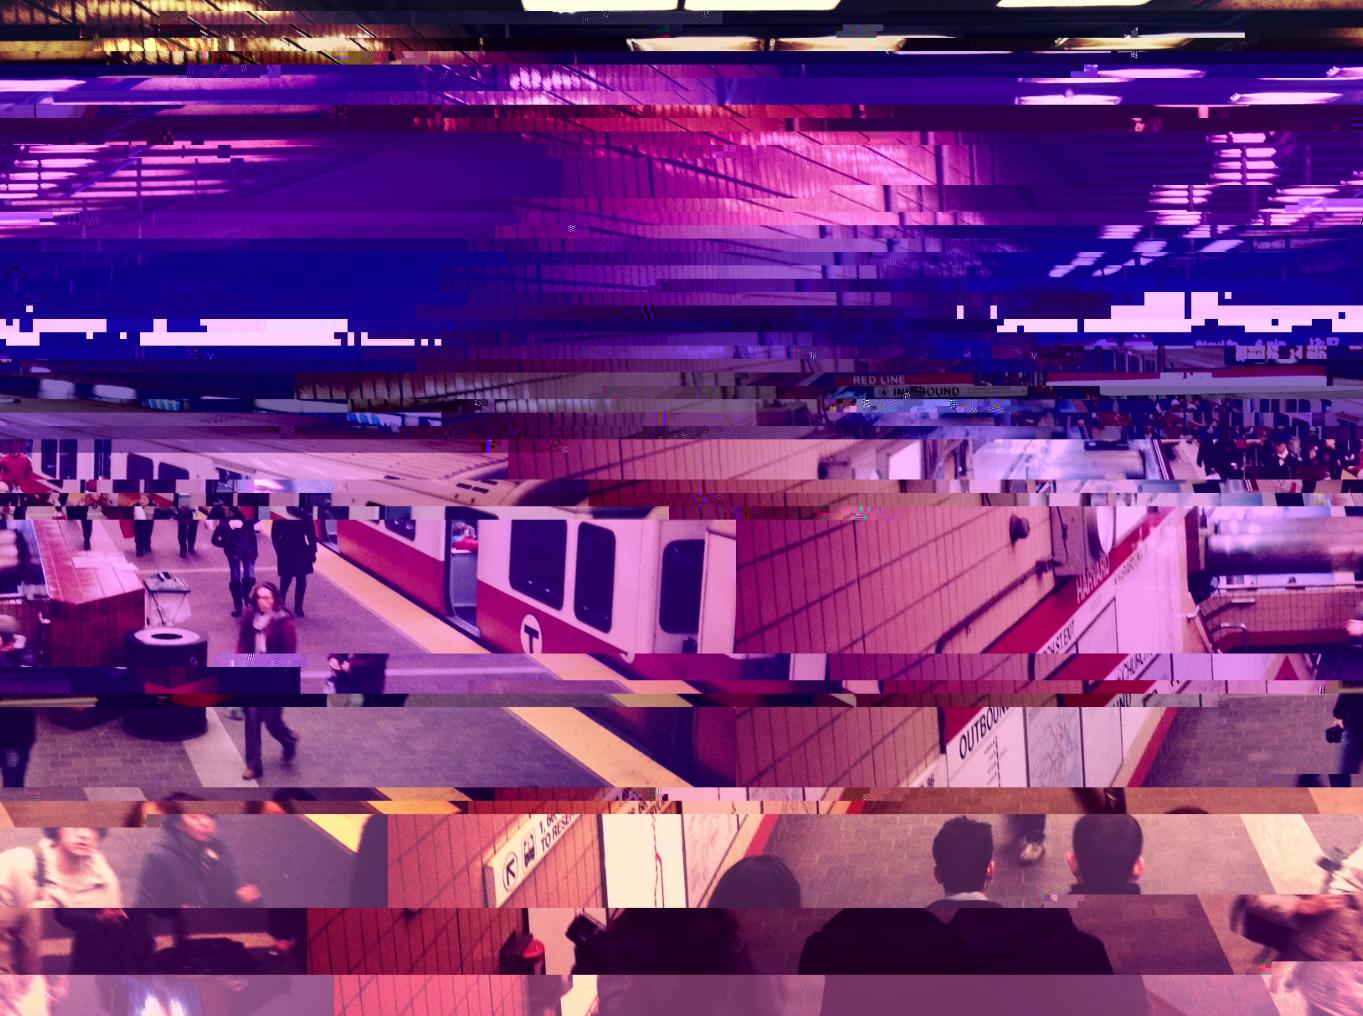 freedom in surveillance (2013)